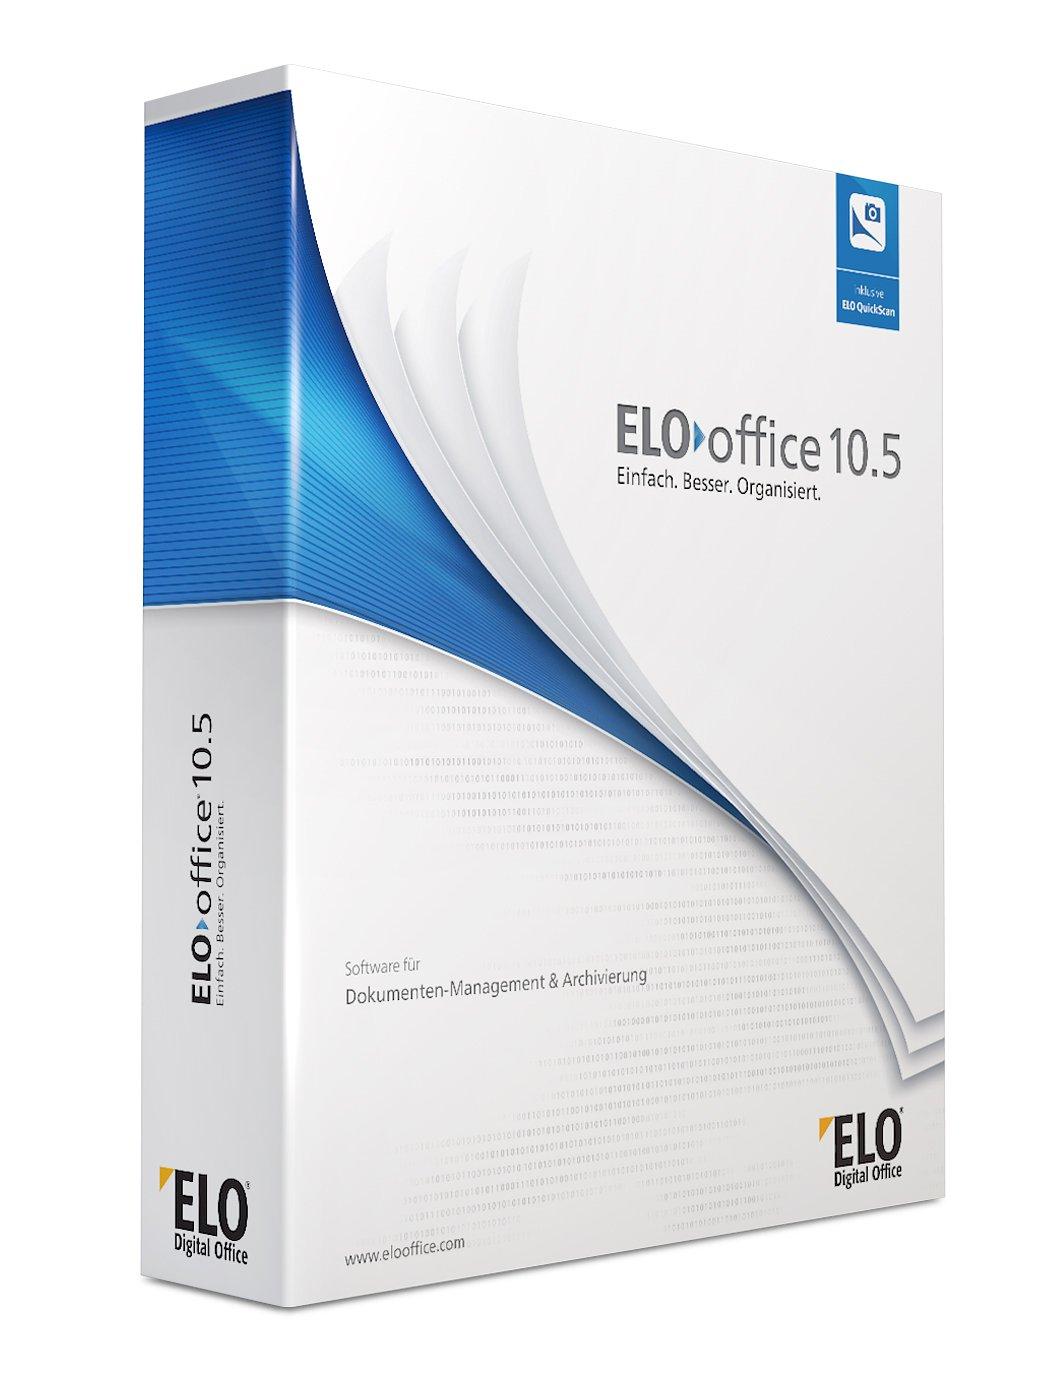 ELO Digital Office CH AG